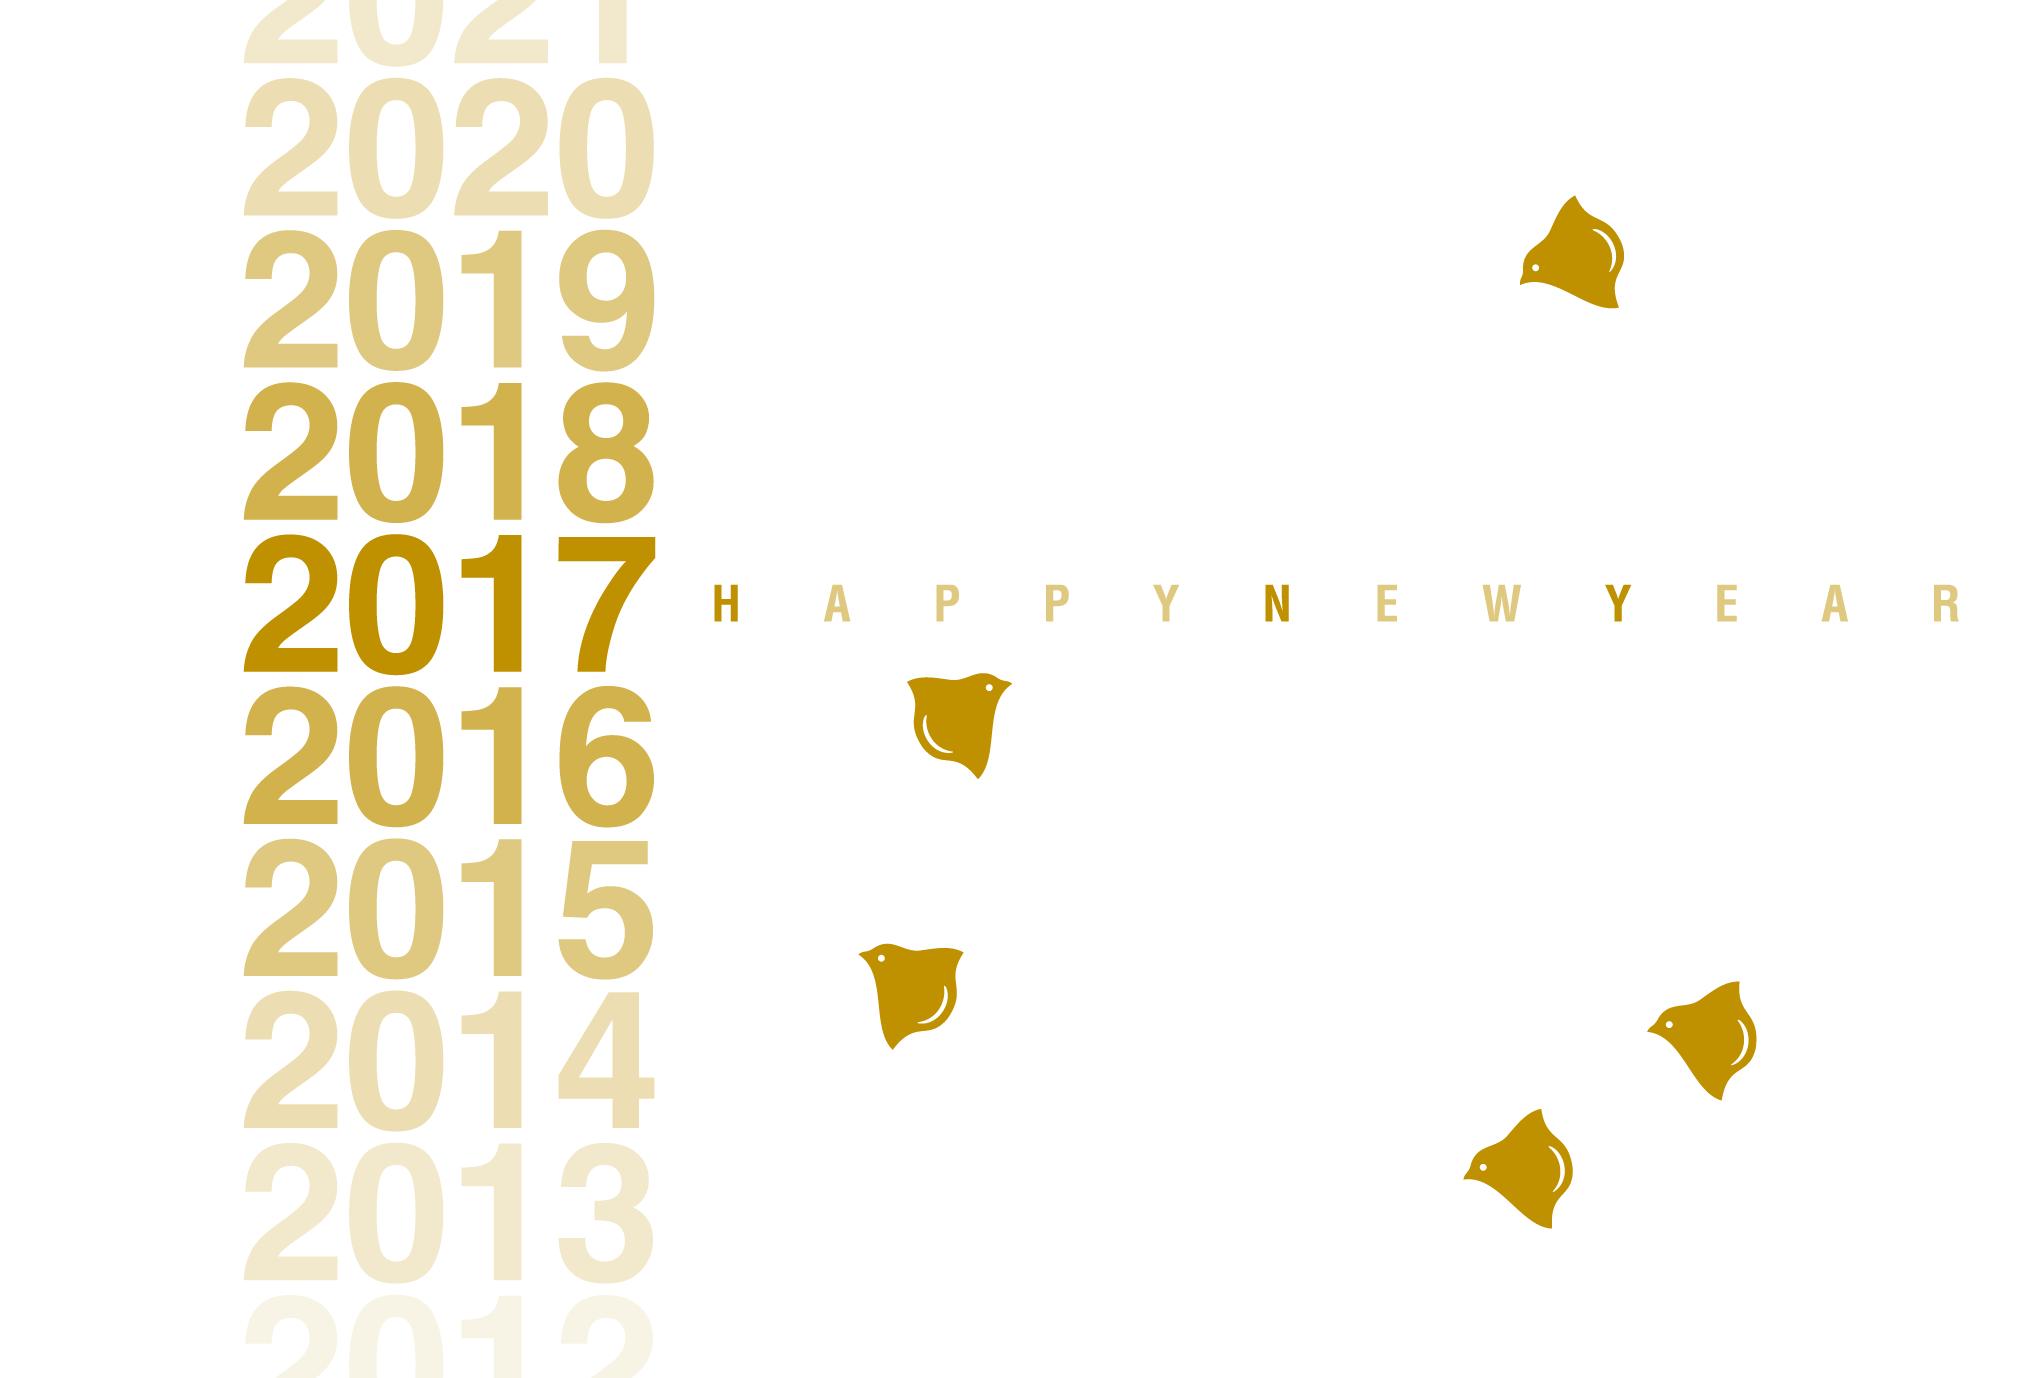 2017年賀状01-2:千鳥 Gradation 2017(黄土)のダウンロード画像